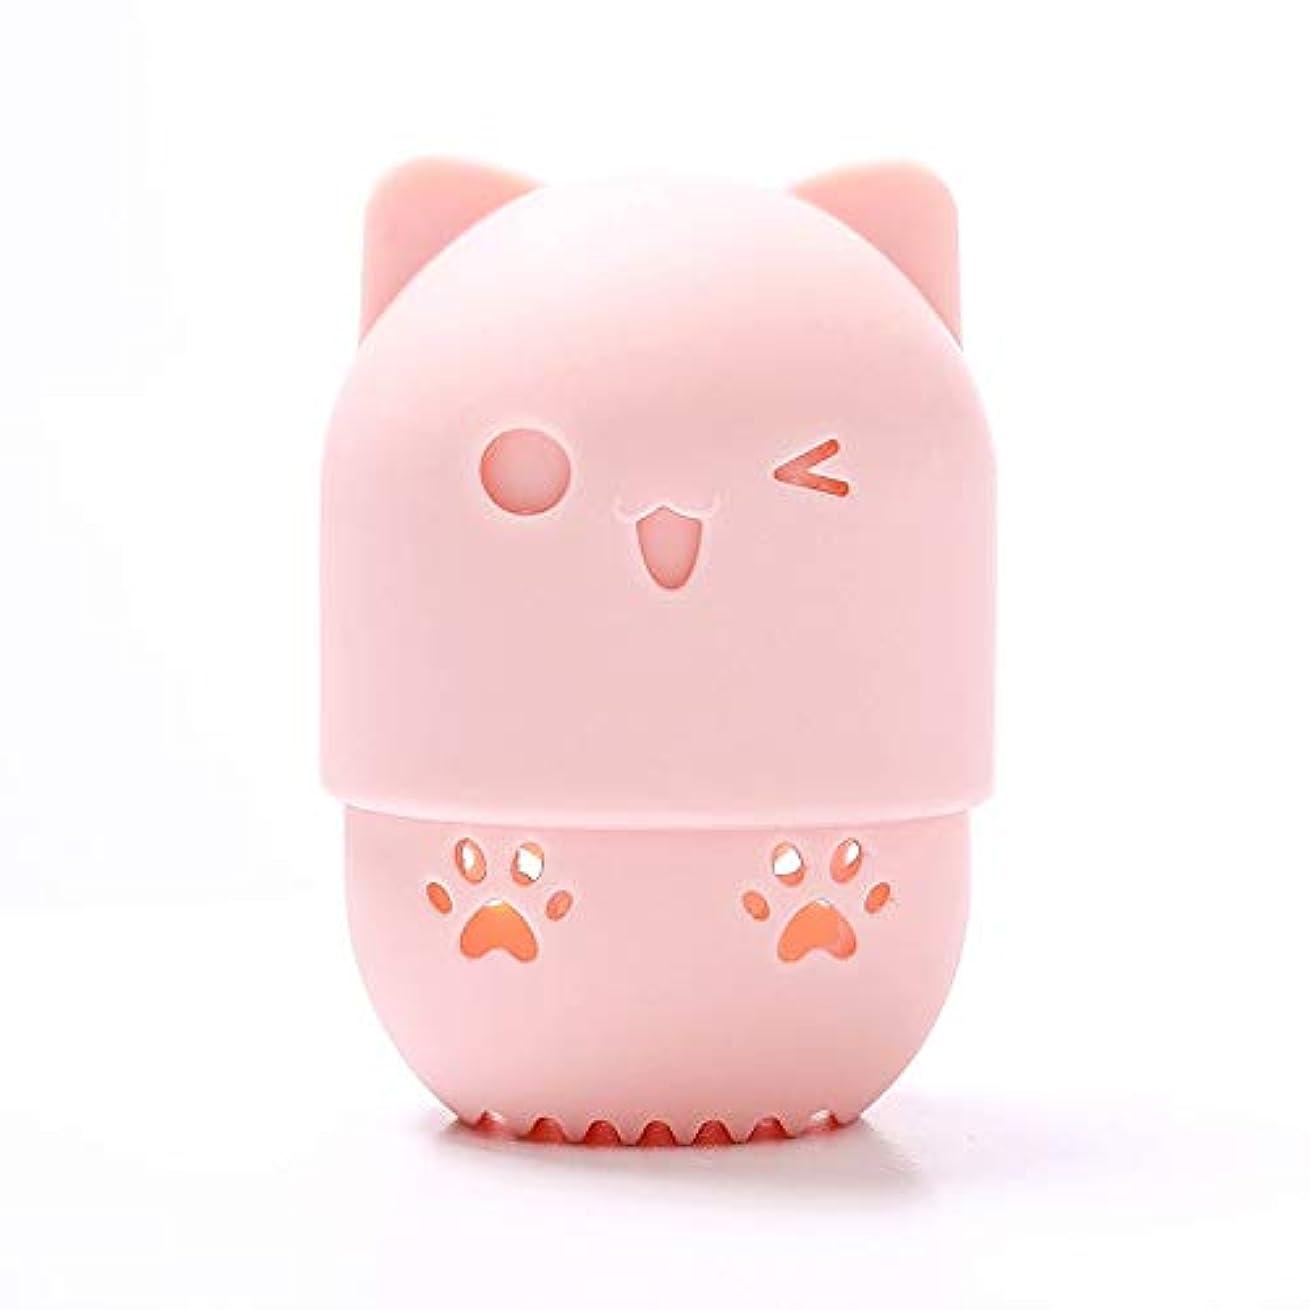 眉をひそめる気晴らし比較的スポンジパフ収納ボックス ,可愛い通気性を柔らか美容スポンジ シリコン旅行 キャリングケース、あらゆる化粧スポンジ適用 (ピンク)